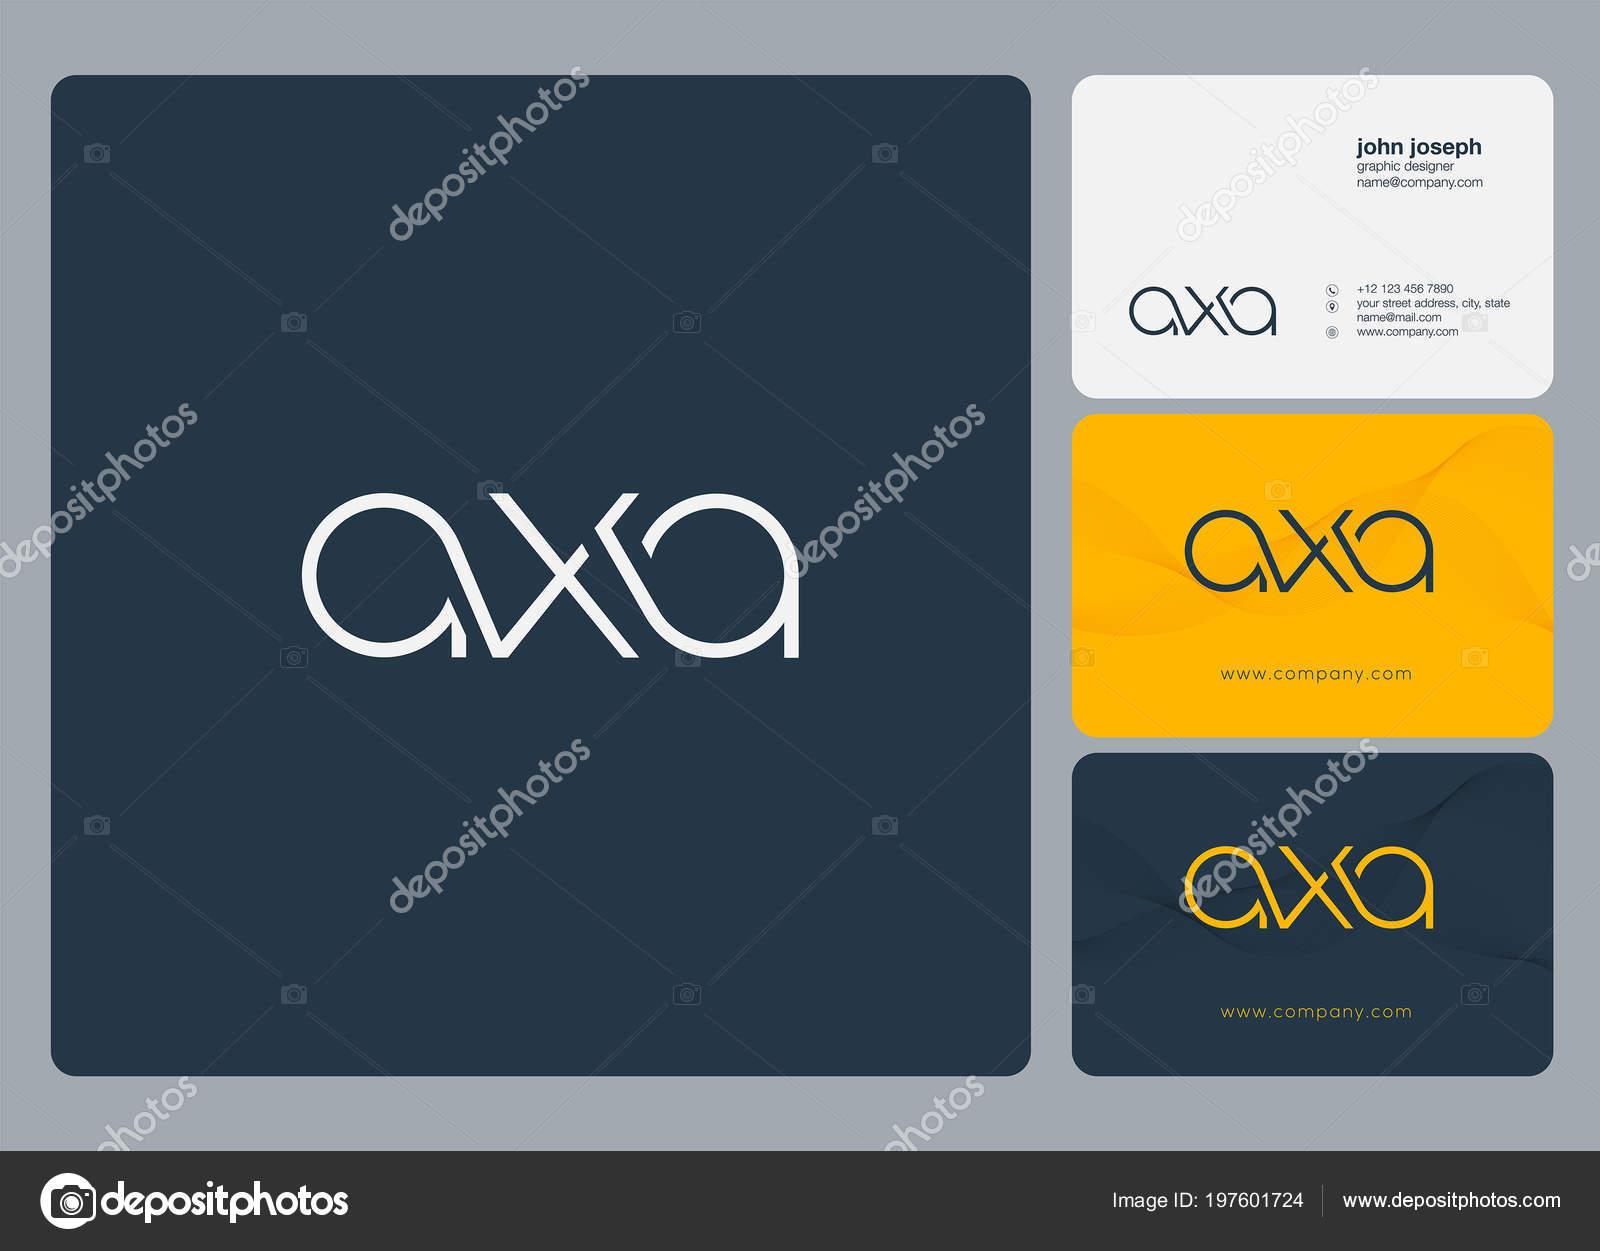 Lettres Logo Axa Modele Pour Carte Visite Image Vectorielle